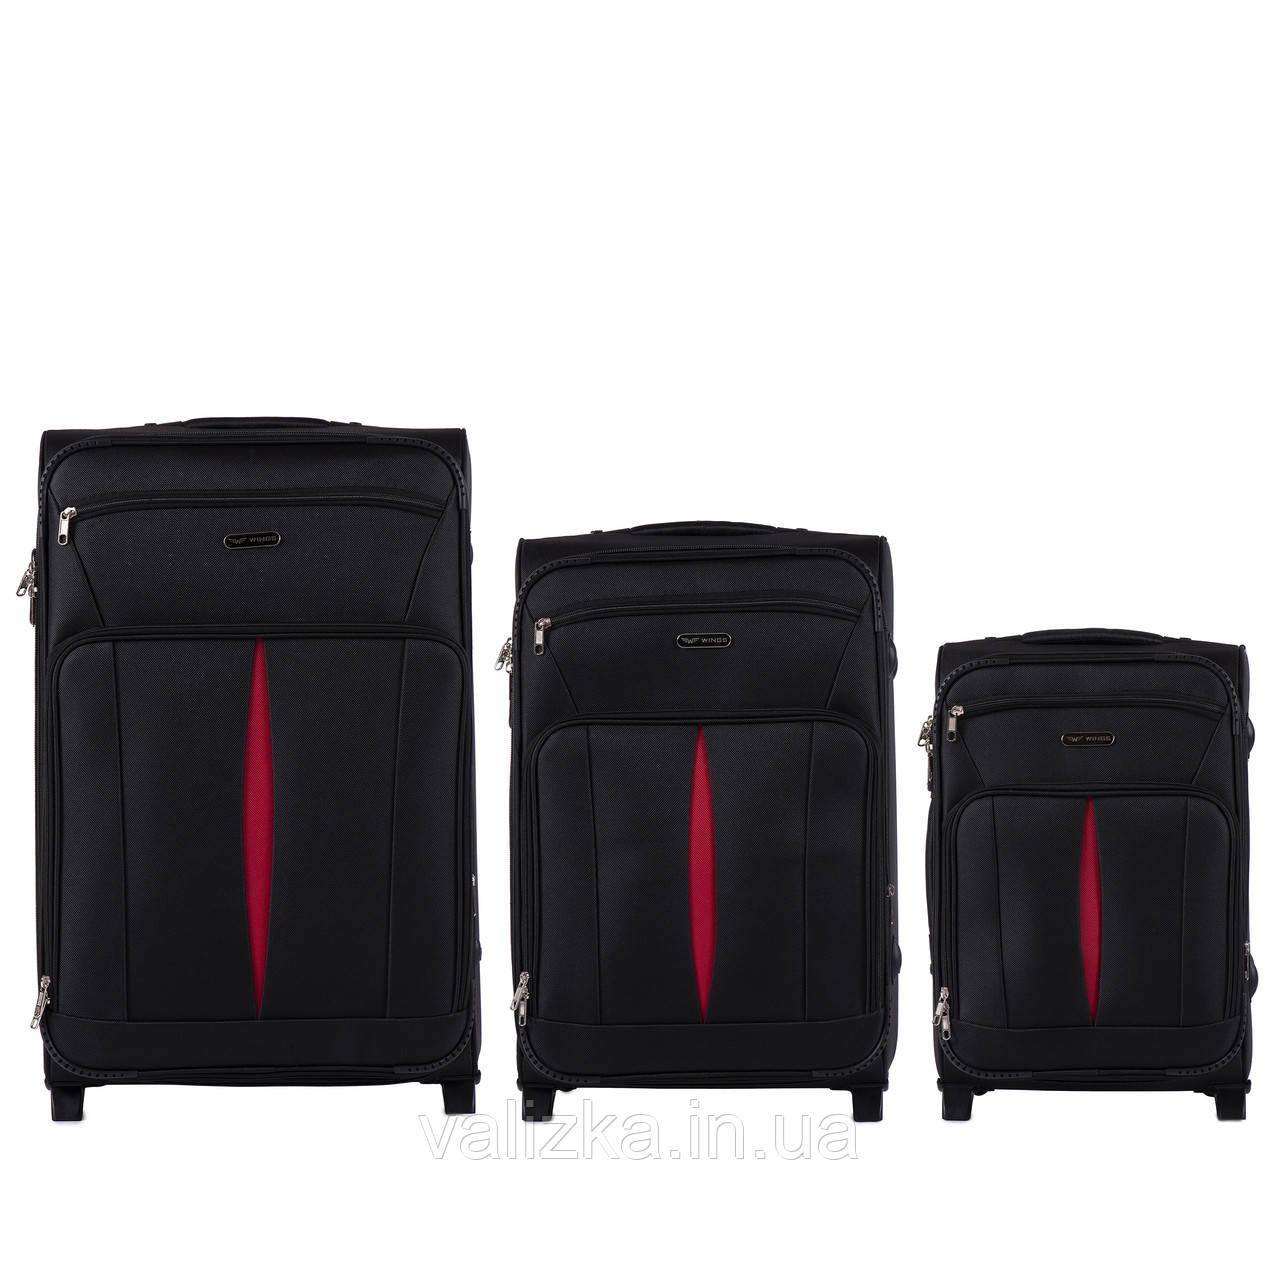 Комплект текстильных чемоданов на 2-х колесах Wings с расширителем, черного цвета